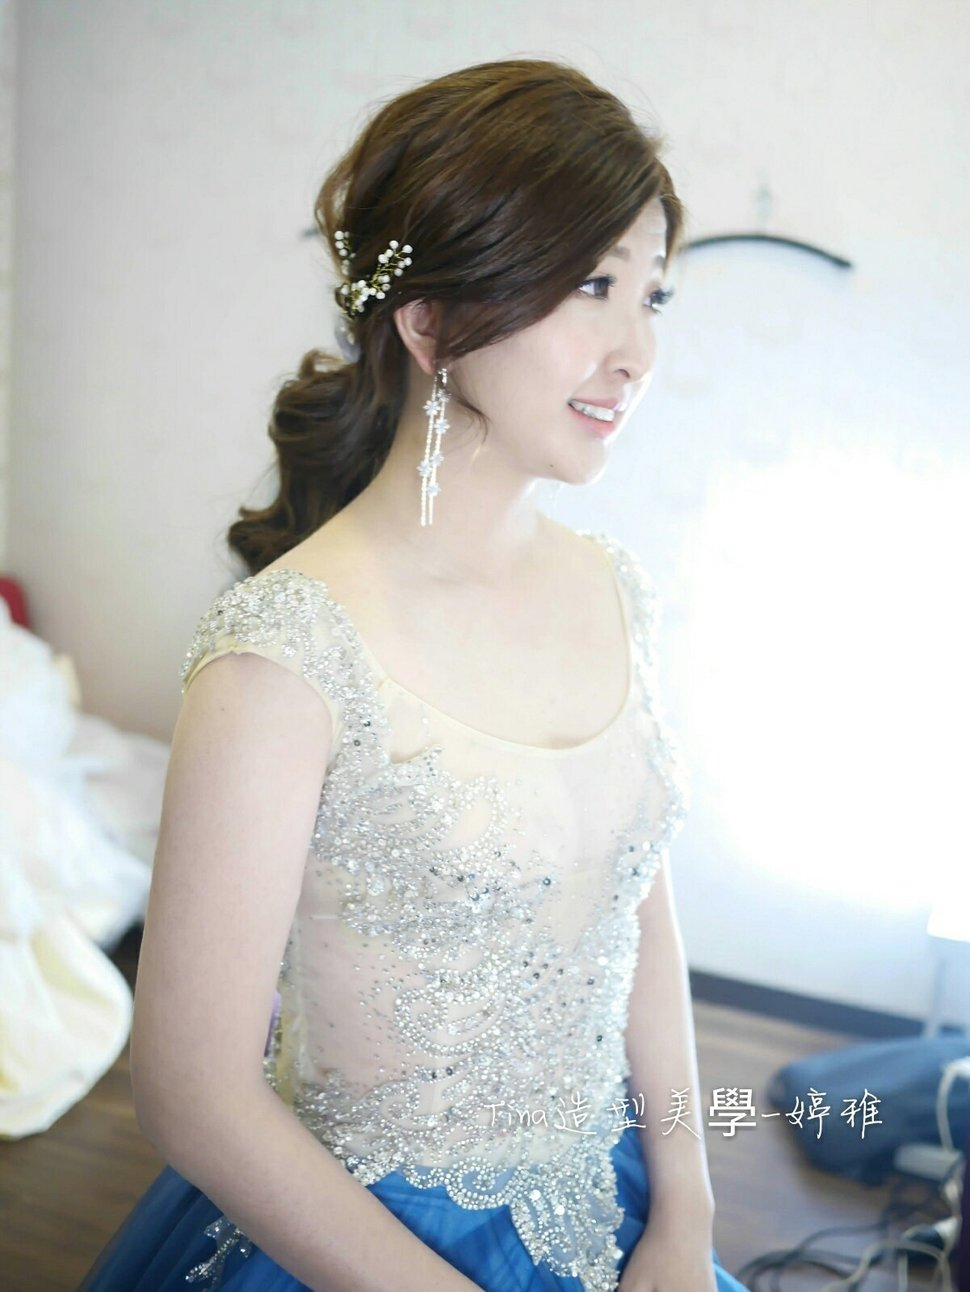 婚宴照片_190115_0008 - 雲林新秘/嘉義新娘秘書/Tina造型美學《結婚吧》